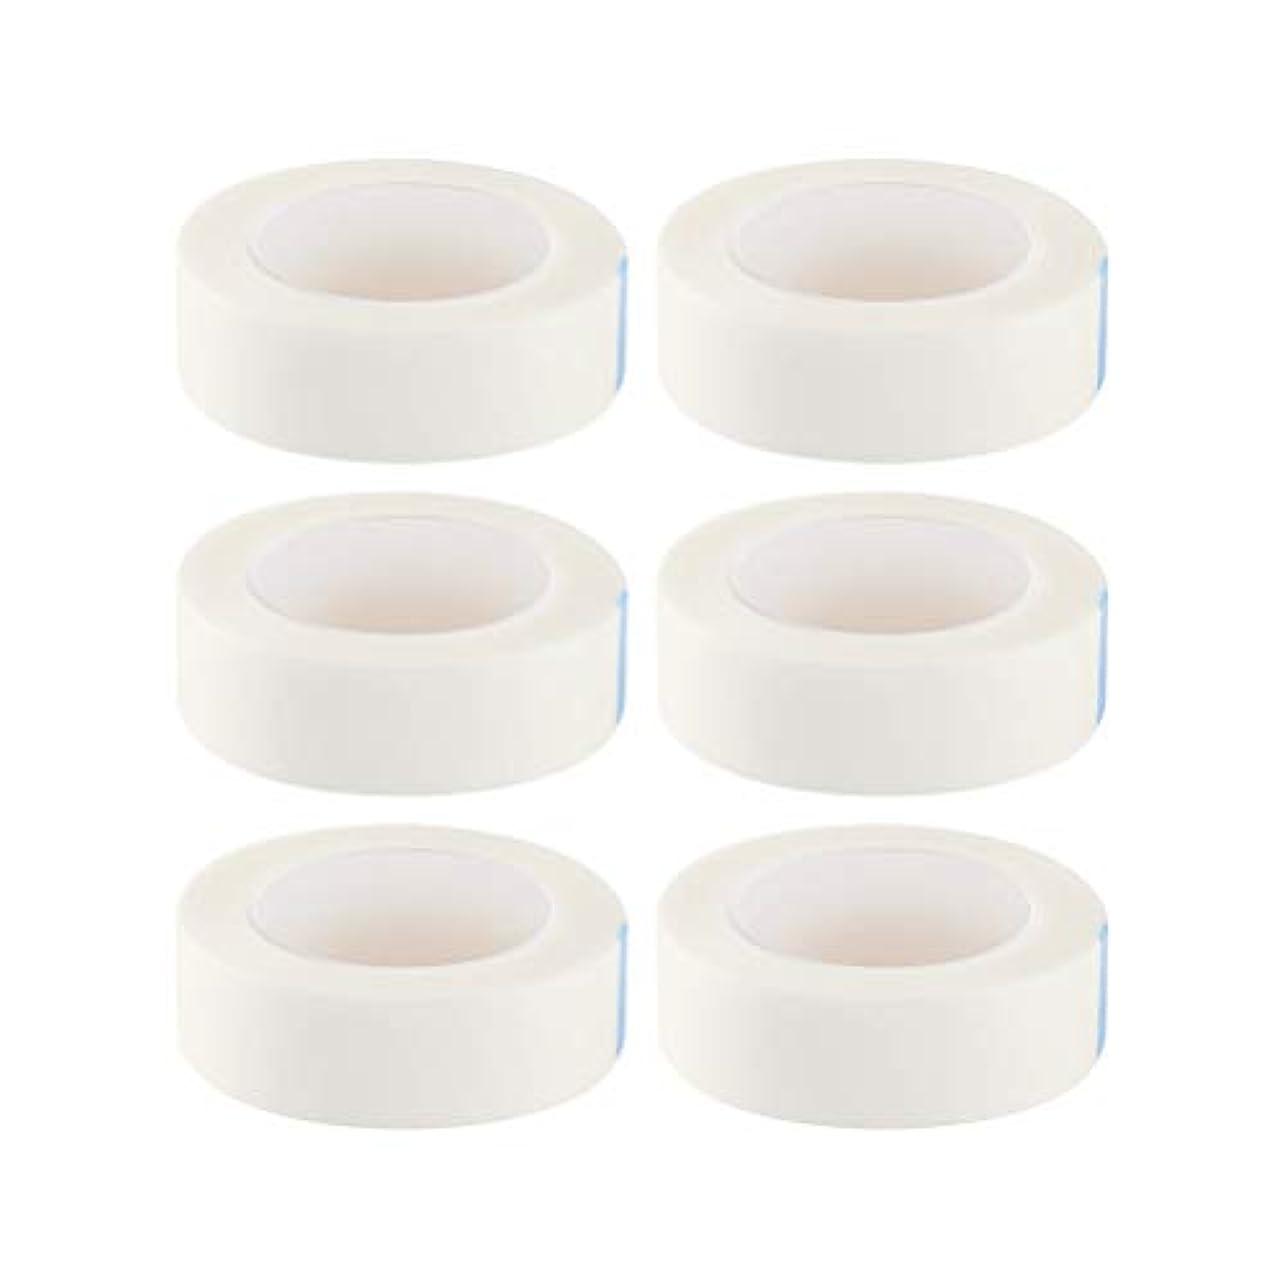 ペインモンスター年SUPVOX 12ロールまつげ絶縁テープまつげラッシュエクステンションテープ不織布医療用テープ医療用テープ(白)